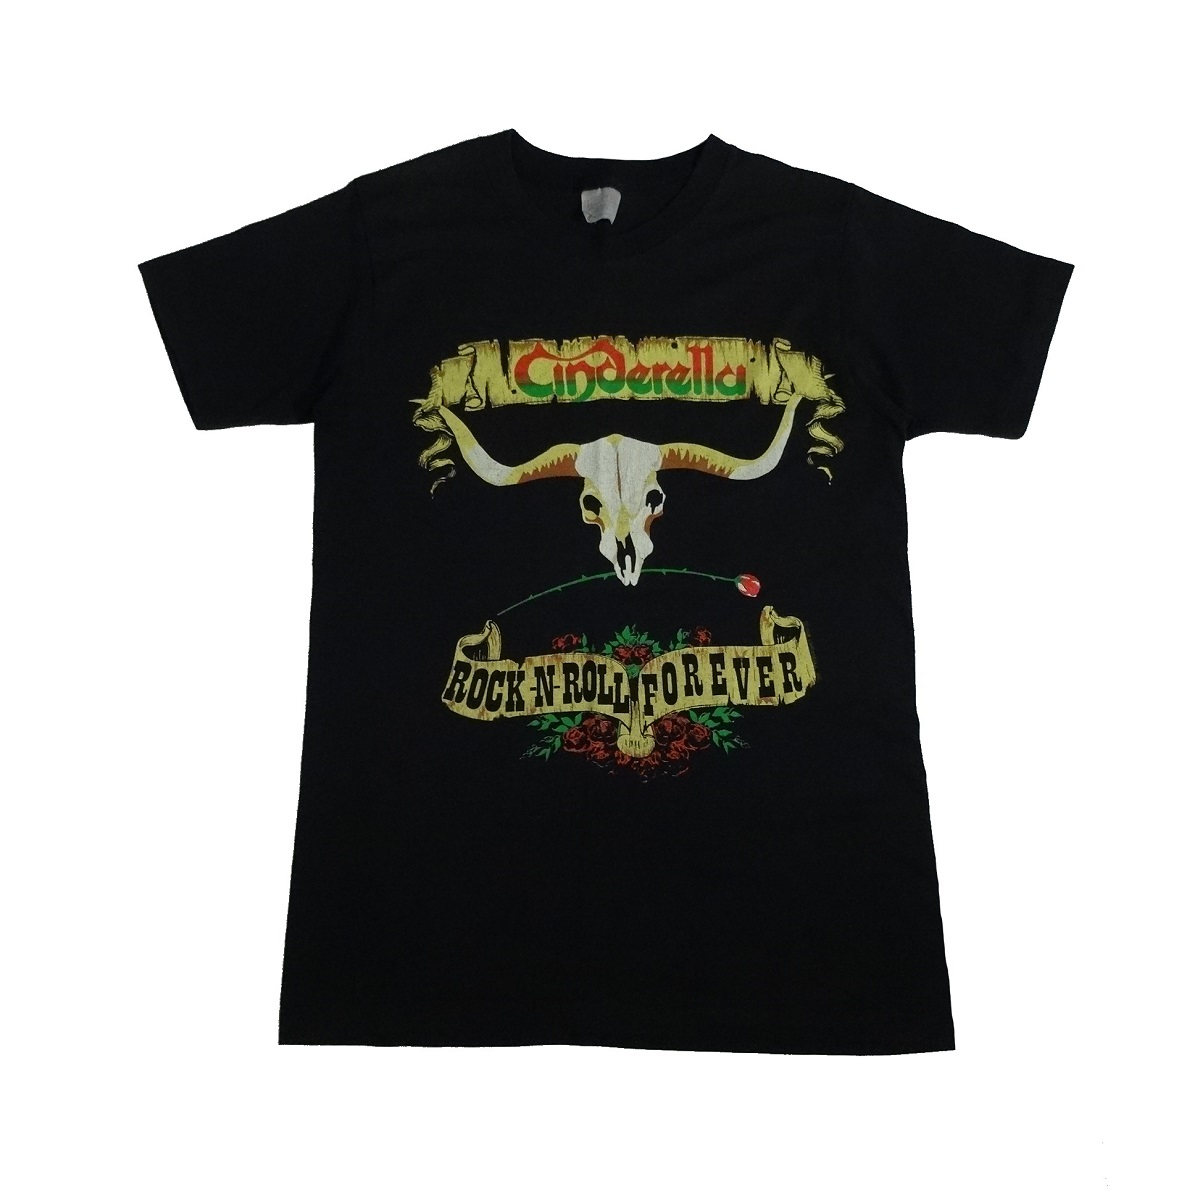 cinderella long cold winter tour vintage 80s t shirt front